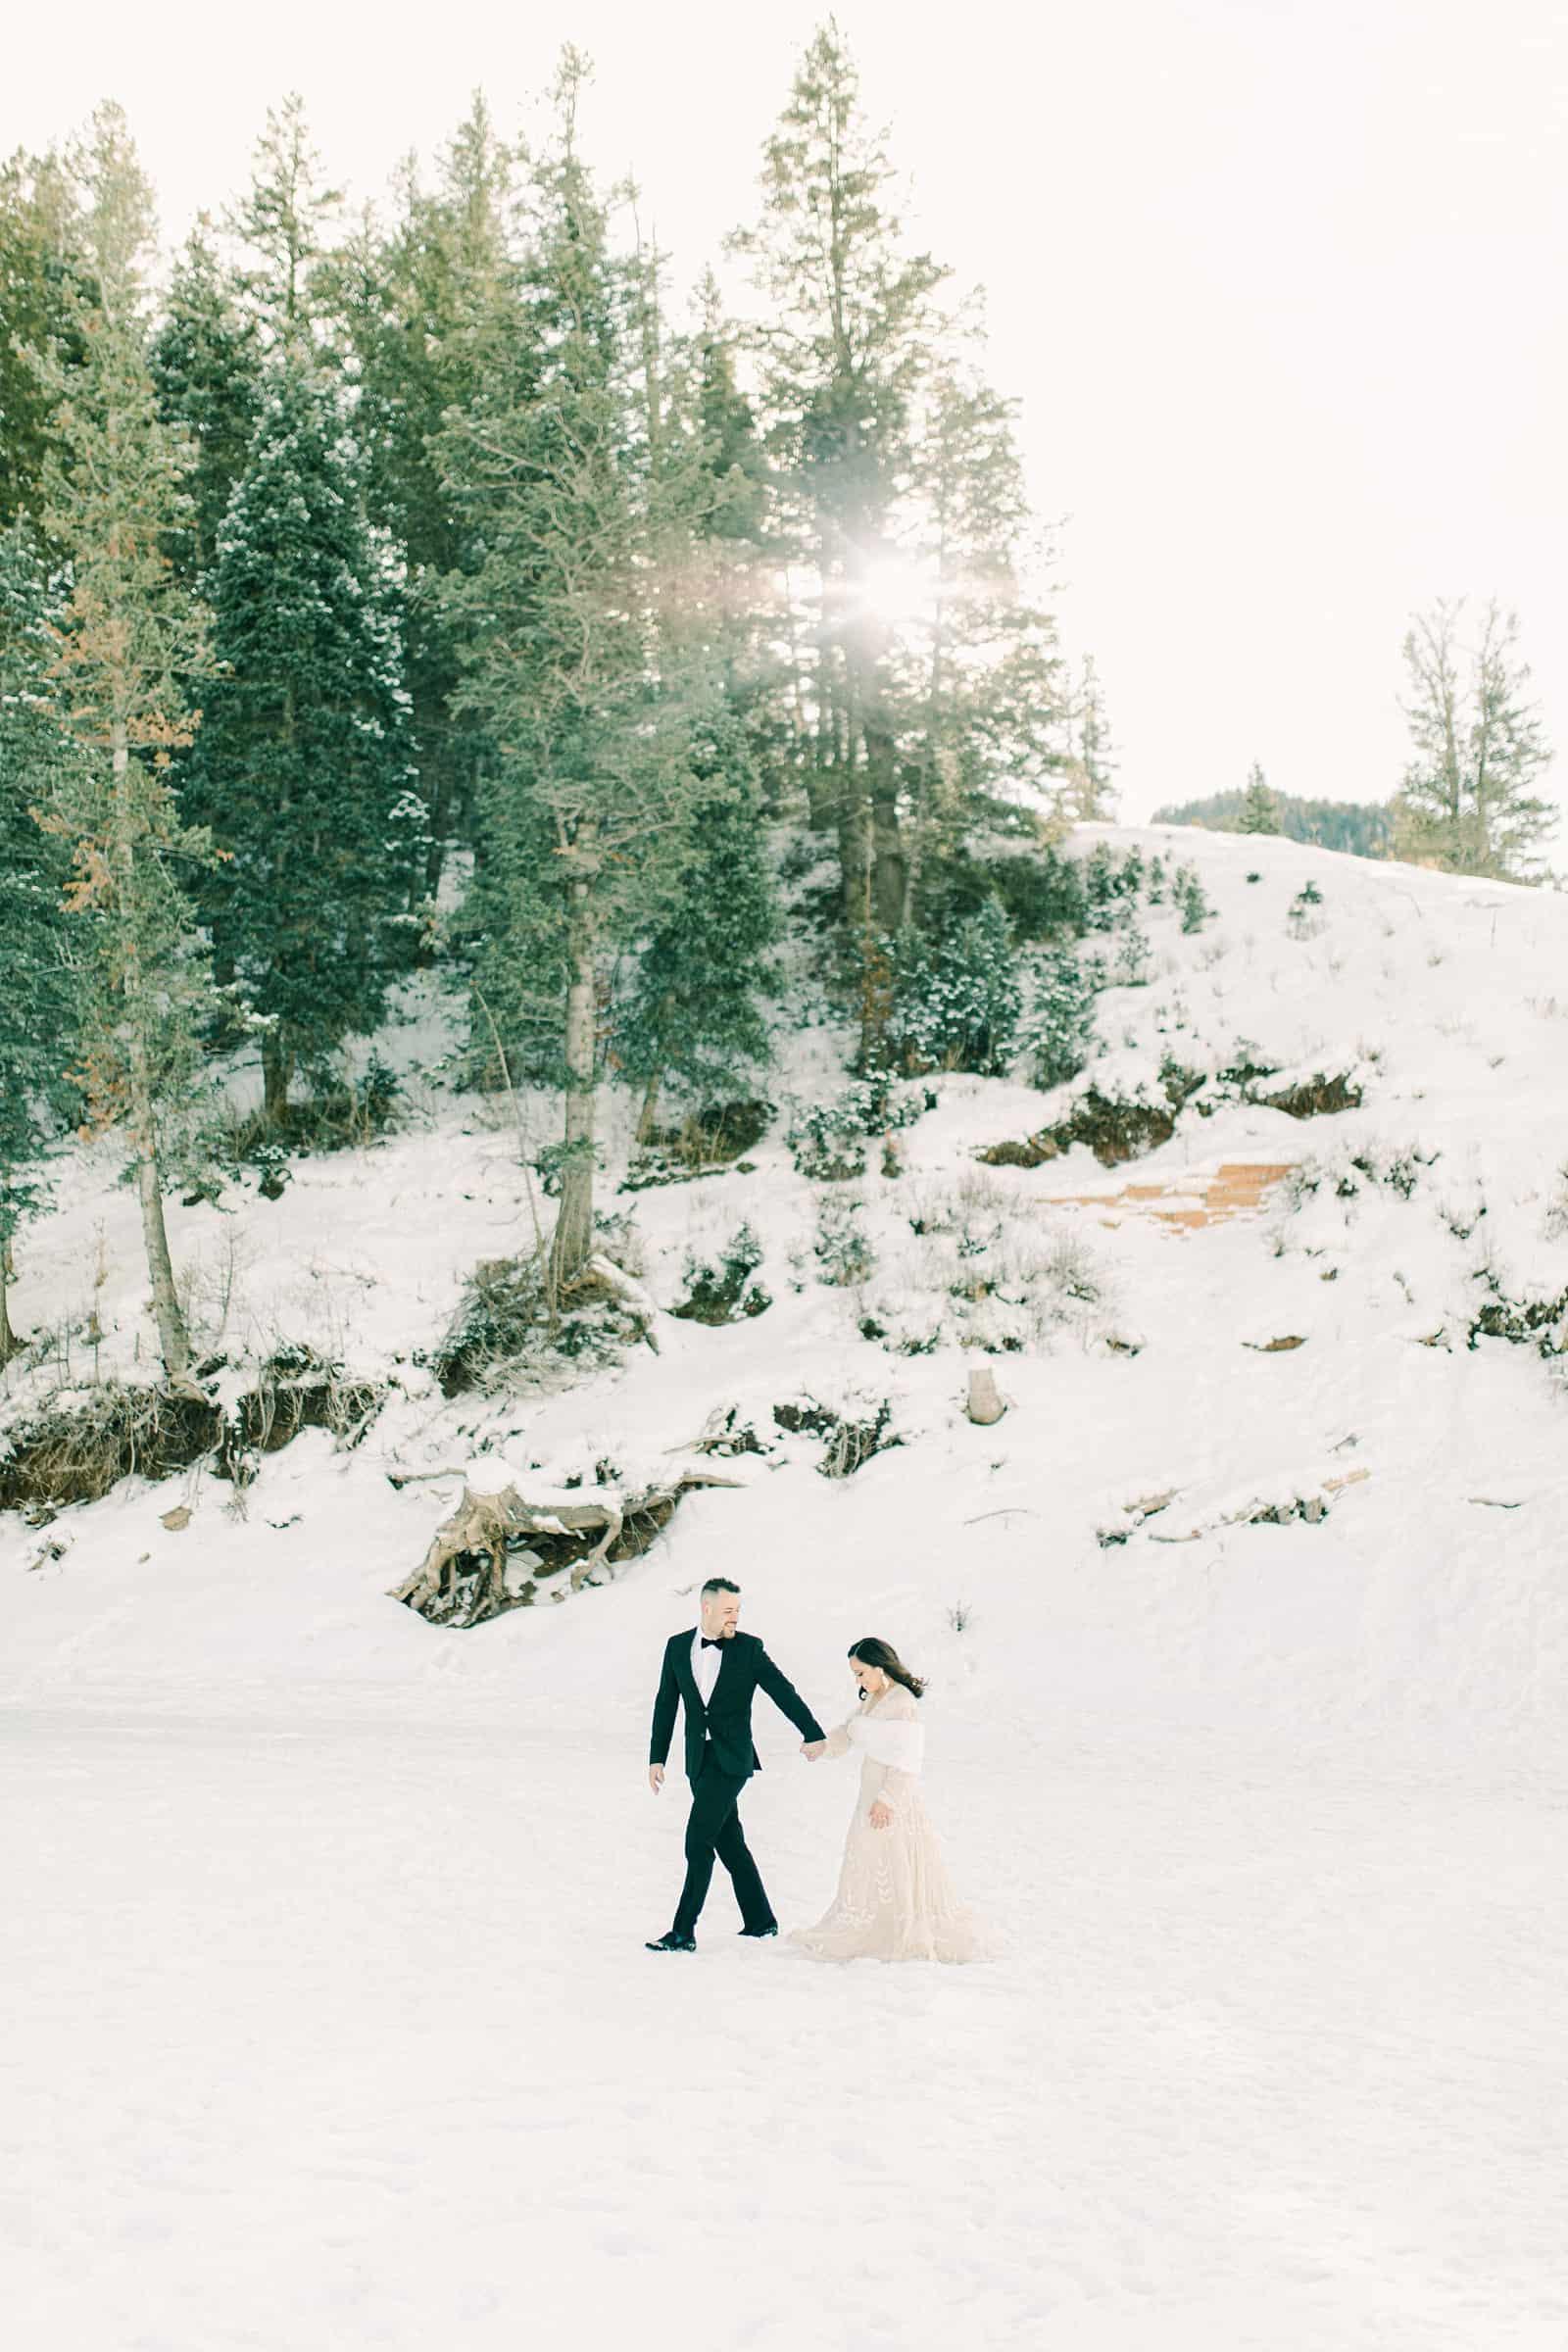 Bride and groom walking in snowy winter mountains of Utah